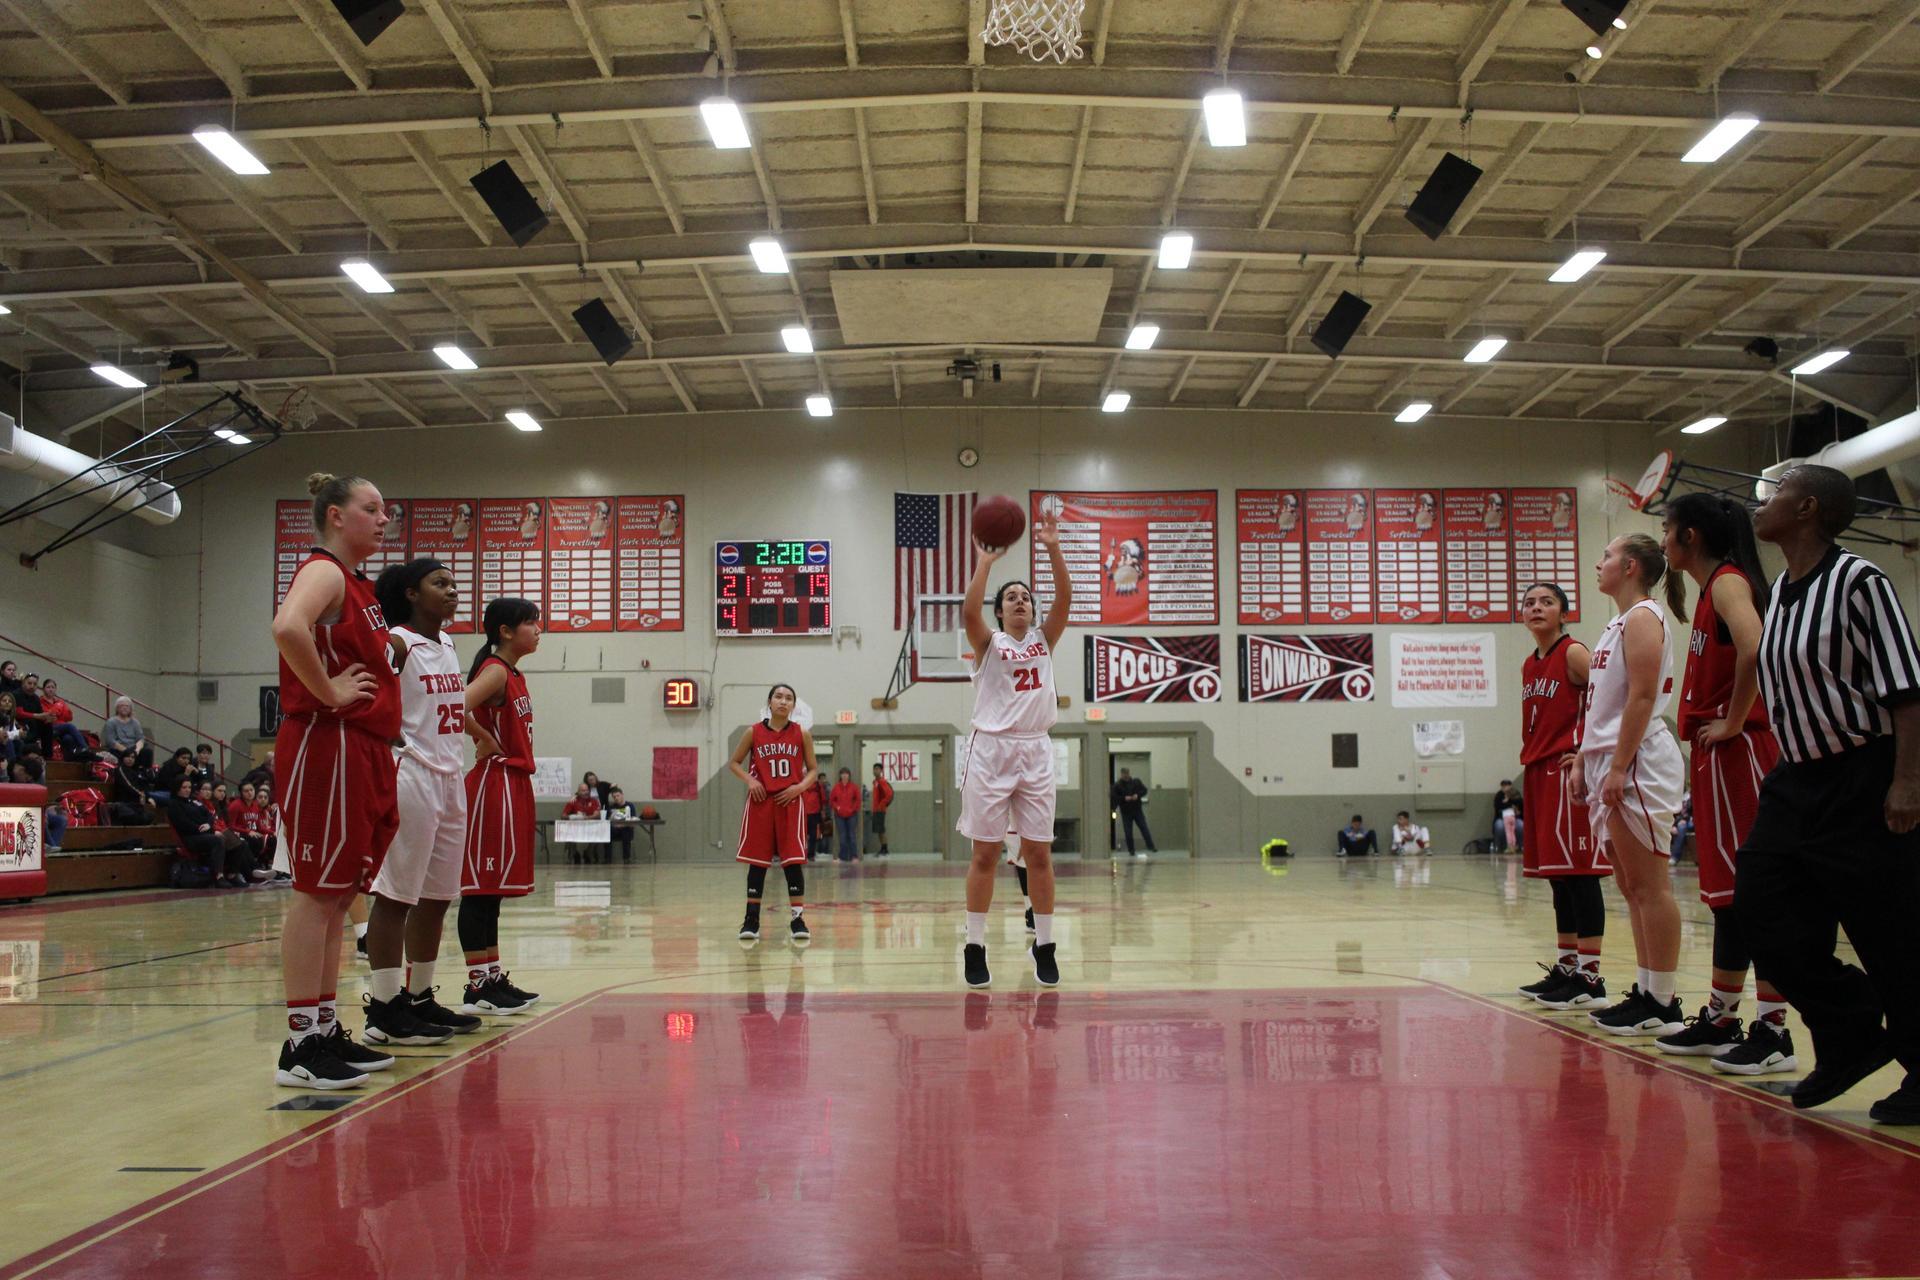 Athletes at Basketball Game vs Kerman